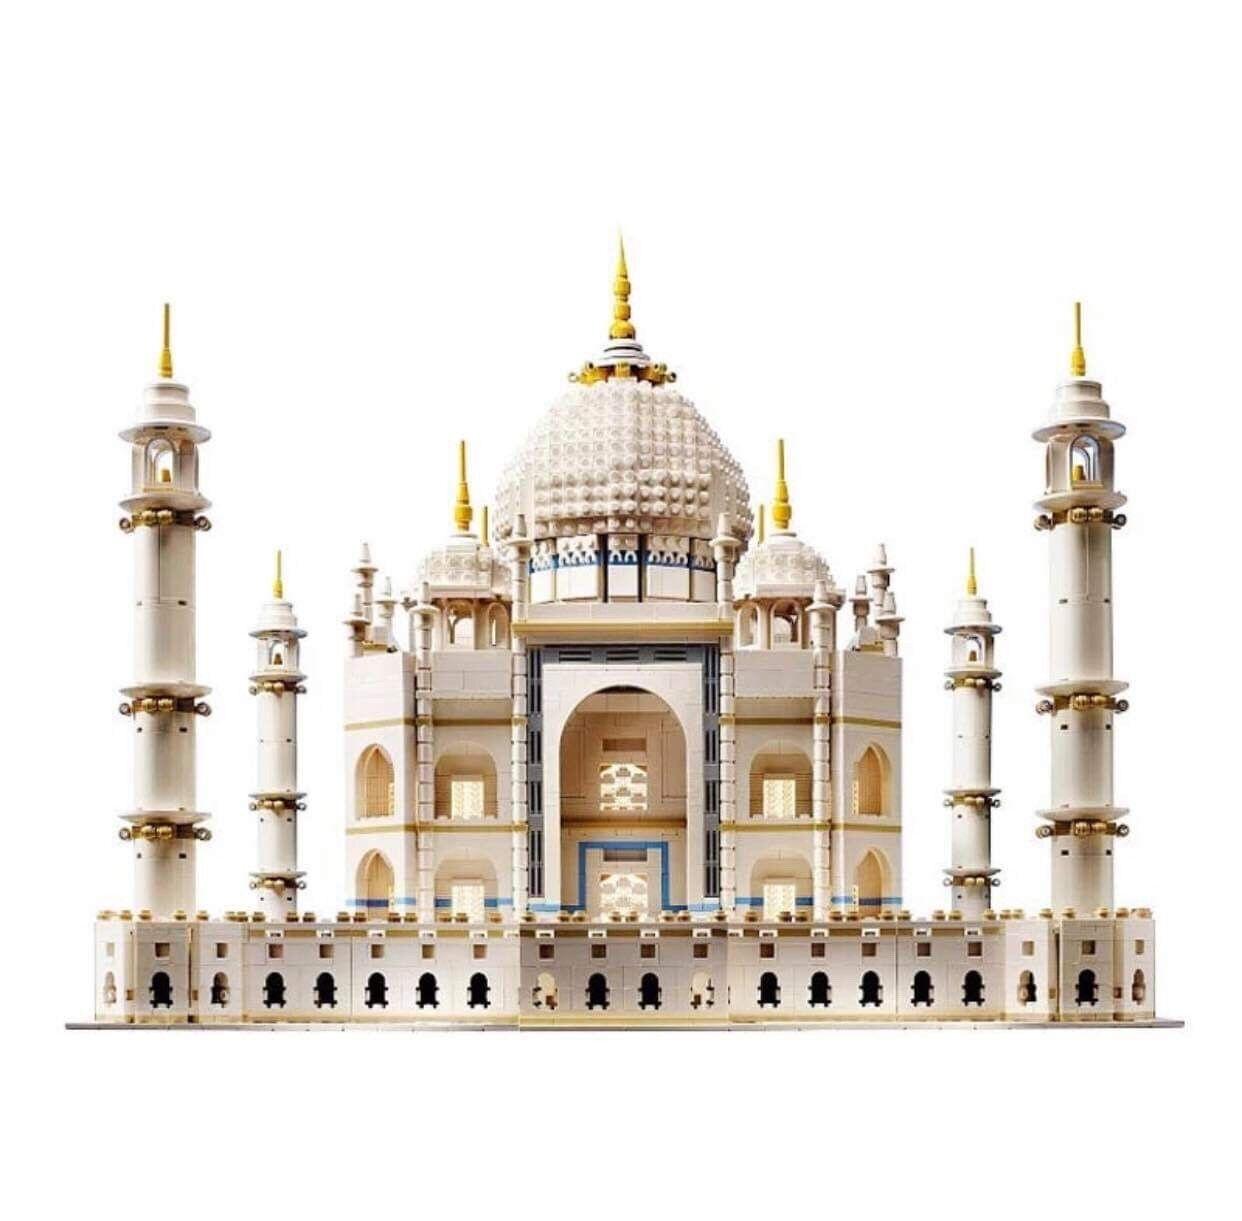 Nuevo Sellado Personalizados creador Taj Mahal enorme 10189 + Instrucciones + Sin Caja Original